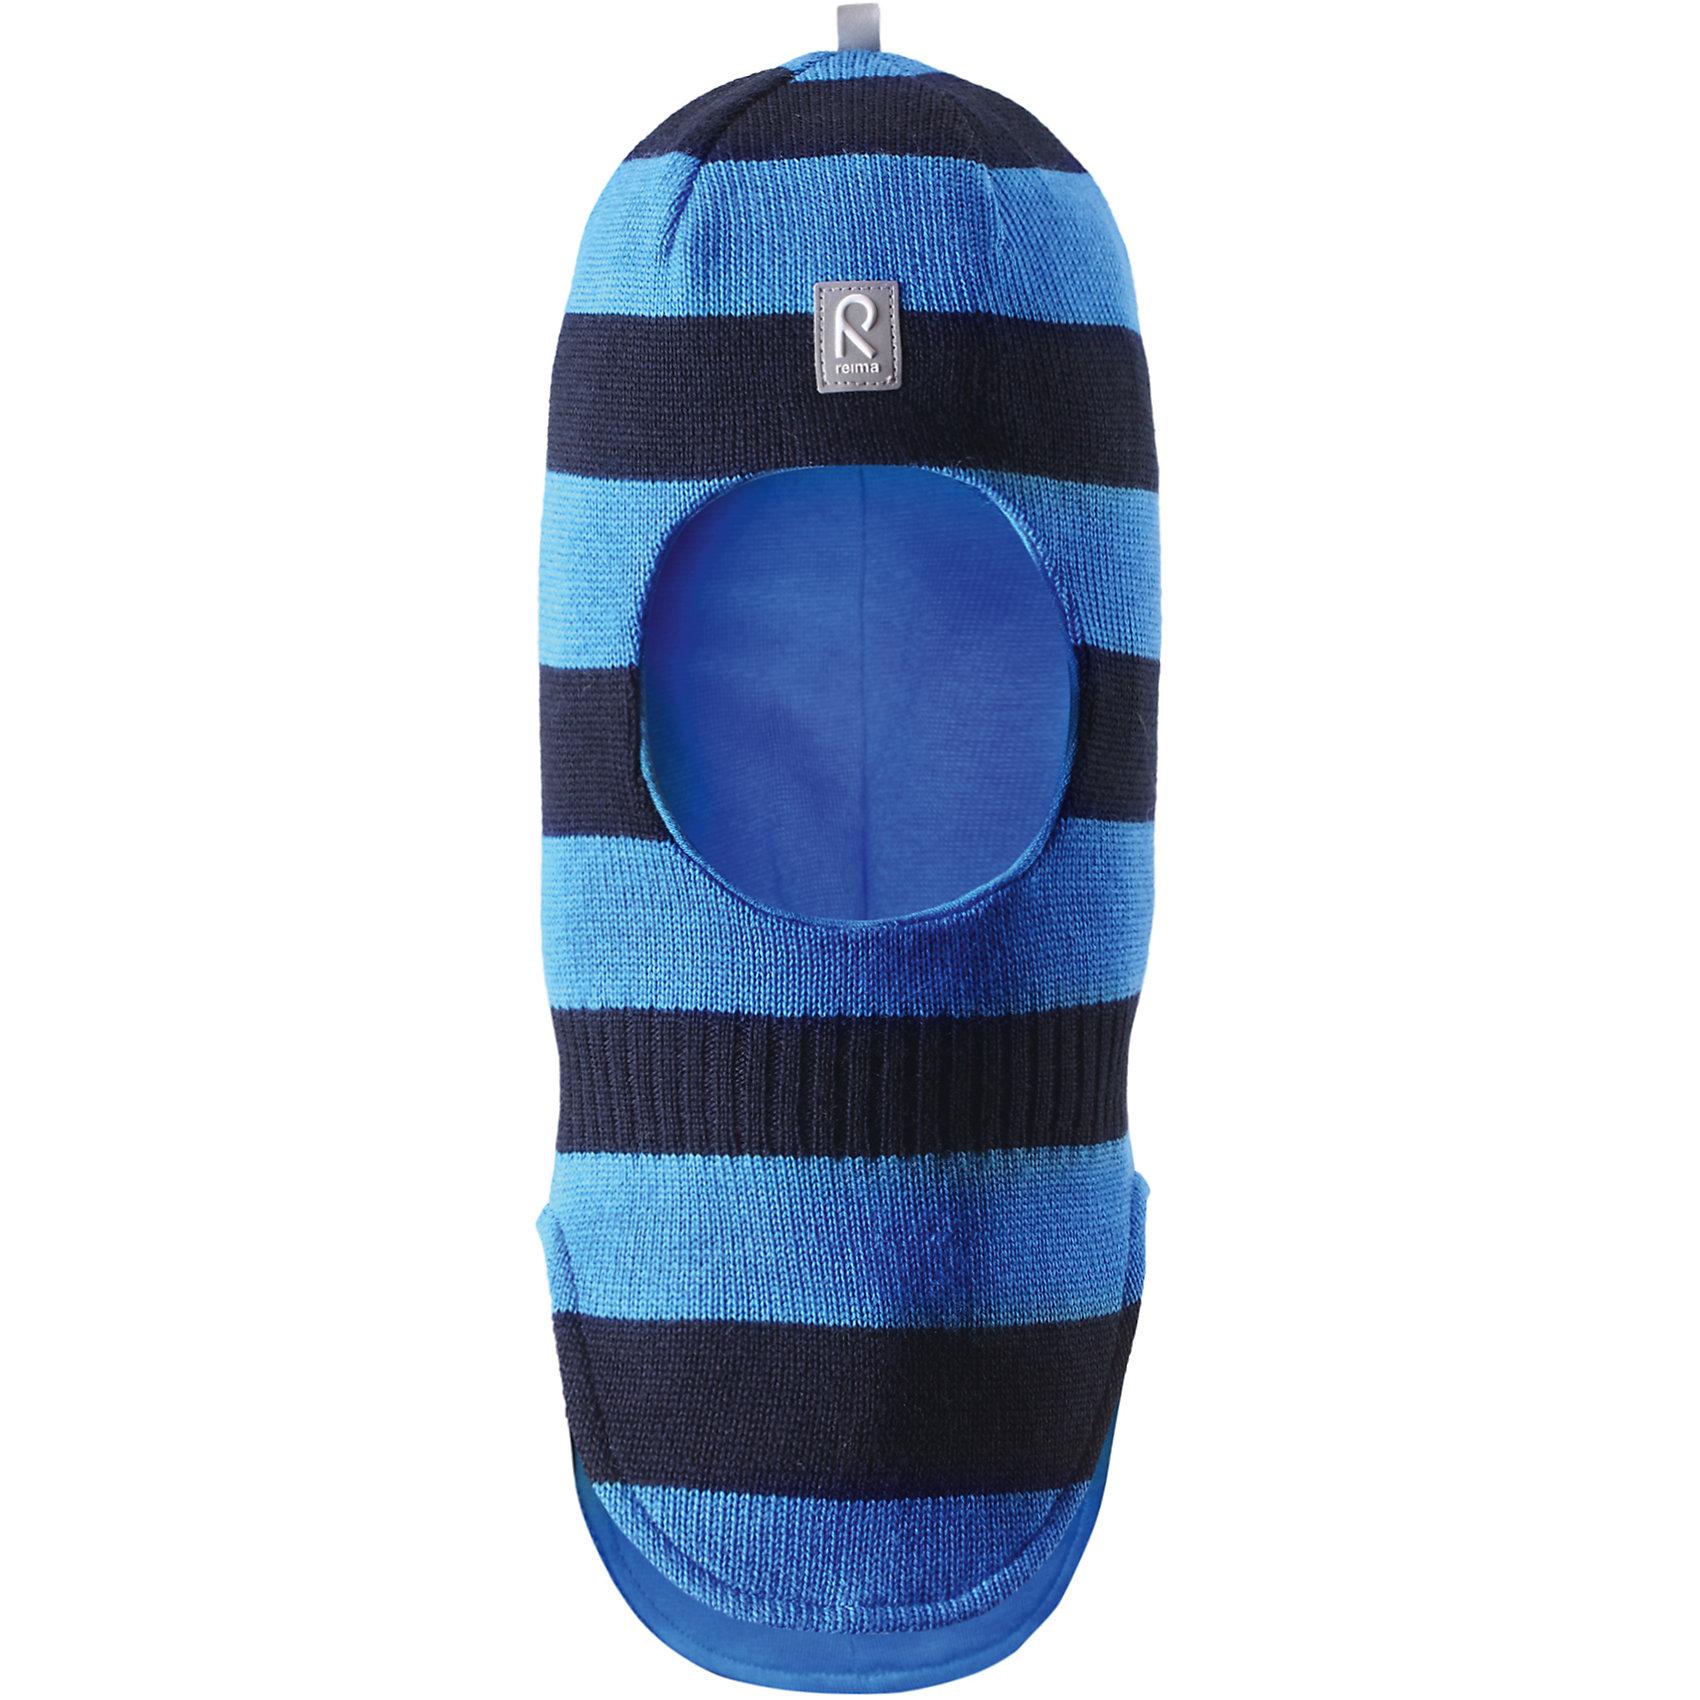 Шапка-шлем Starrie для мальчика ReimaШапки и шарфы<br>Шапка  Reima<br>Шапка-шлем для малышей. Мягкая ткань из мериносовой шерсти для поддержания идеальной температуры тела. Теплая шерстяная вязка (волокно). Товар сертифицирован Oeko-Tex, класс 1, одежда для малышей. Ветронепроницаемые вставки в области ушей. Мягкая подкладка из хлопка и эластана. Светоотражающий элемент спереди.<br>Уход:<br>Стирать по отдельности, вывернув наизнанку. Придать первоначальную форму вo влажном виде. Возможна усадка 5 %.<br>Состав:<br>100% Шерсть<br><br>Ширина мм: 89<br>Глубина мм: 117<br>Высота мм: 44<br>Вес г: 155<br>Цвет: голубой<br>Возраст от месяцев: 6<br>Возраст до месяцев: 9<br>Пол: Мужской<br>Возраст: Детский<br>Размер: 46,52,48,54,50<br>SKU: 4775684